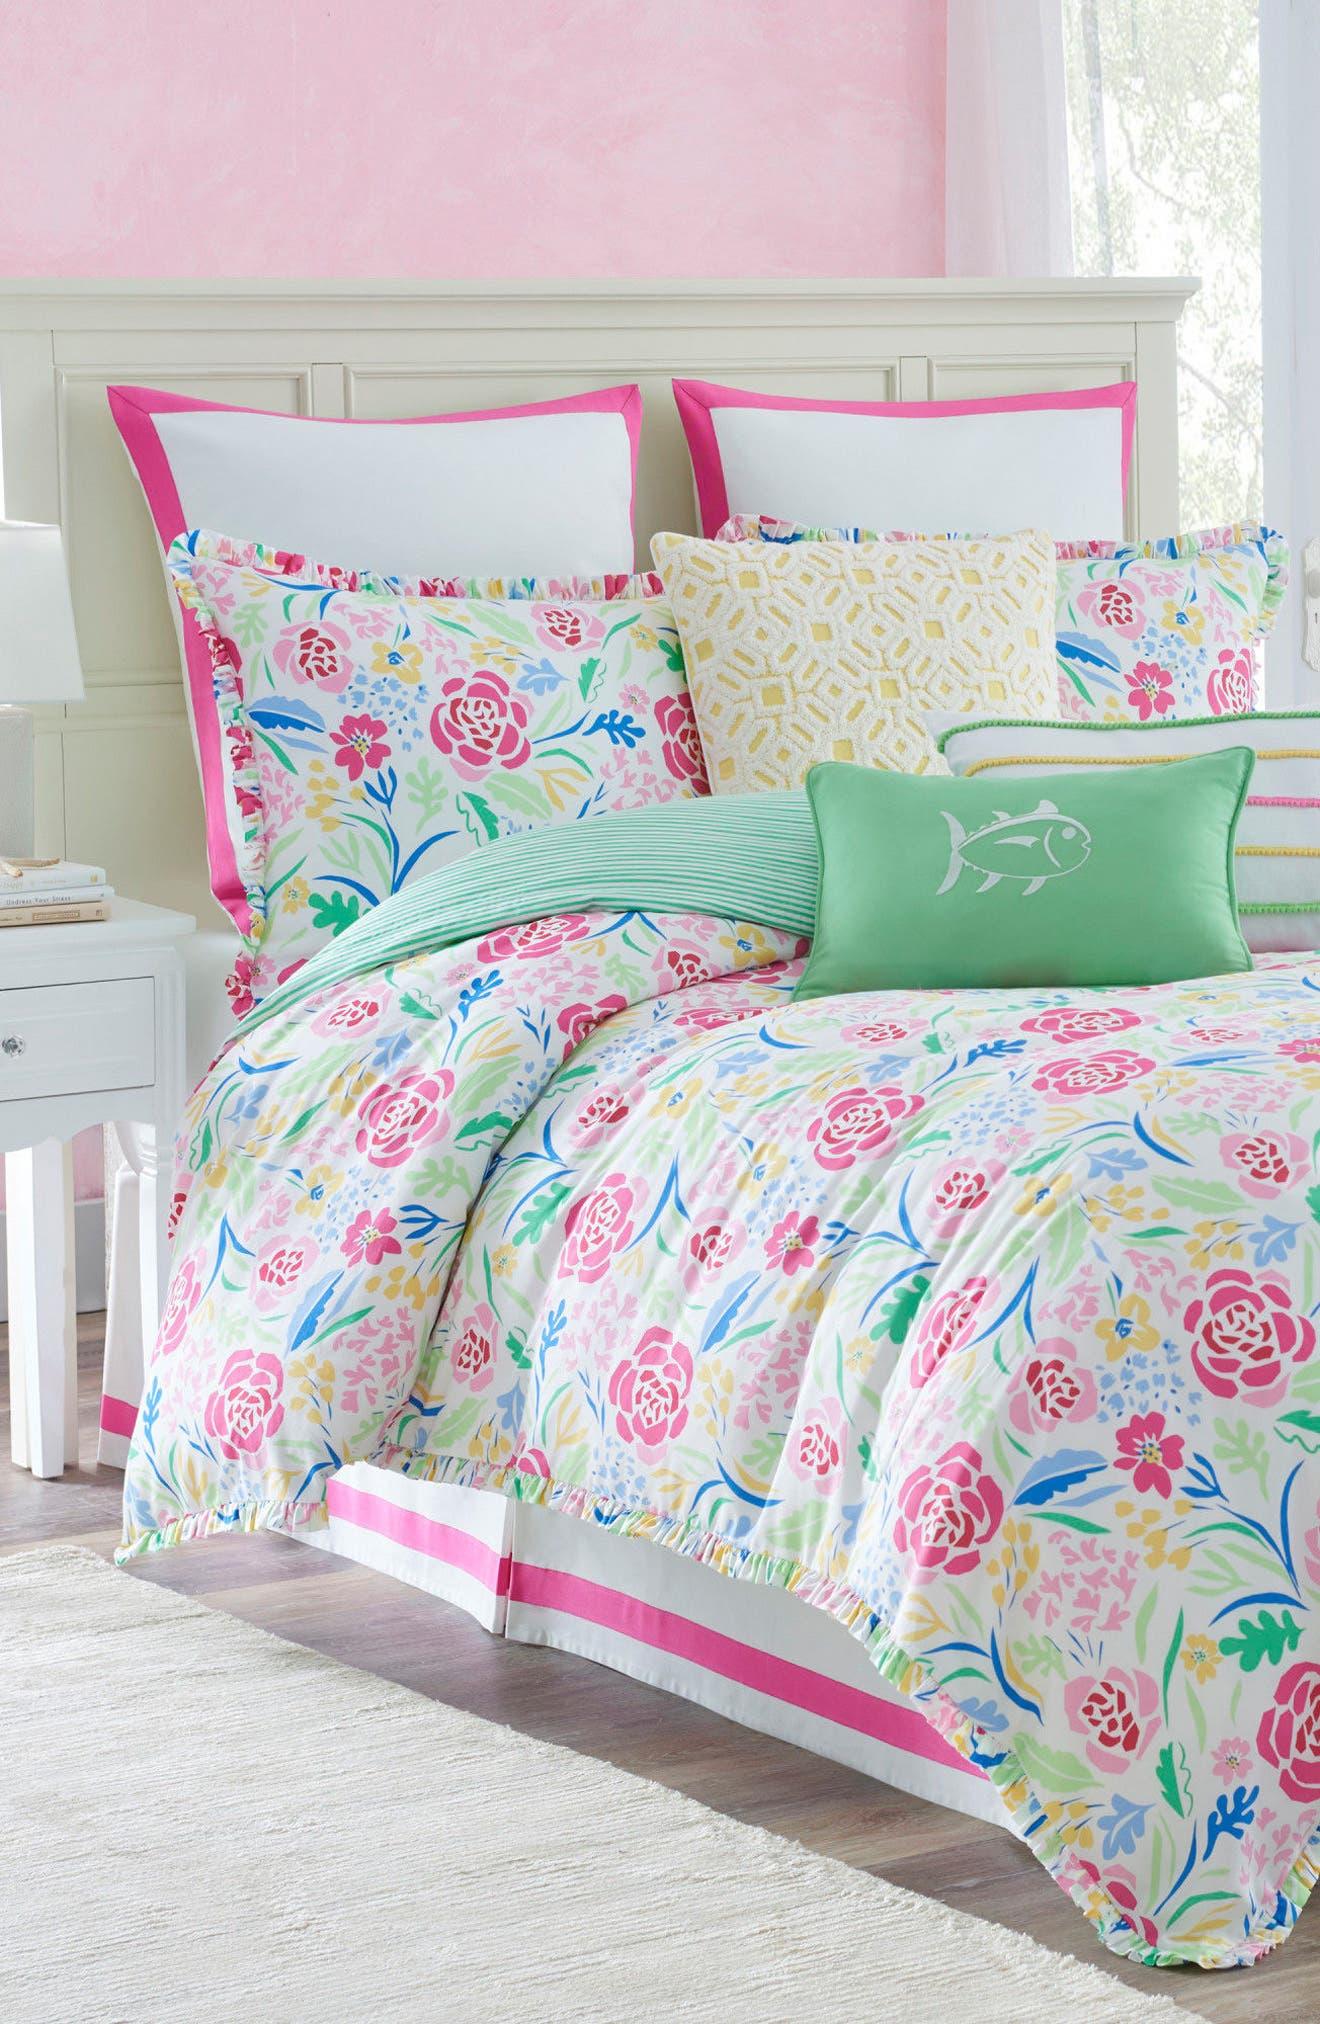 Alternate Image 1 Selected - Southern Tide Kiawah Floral Comforter, Sham & Bed Skirt Set